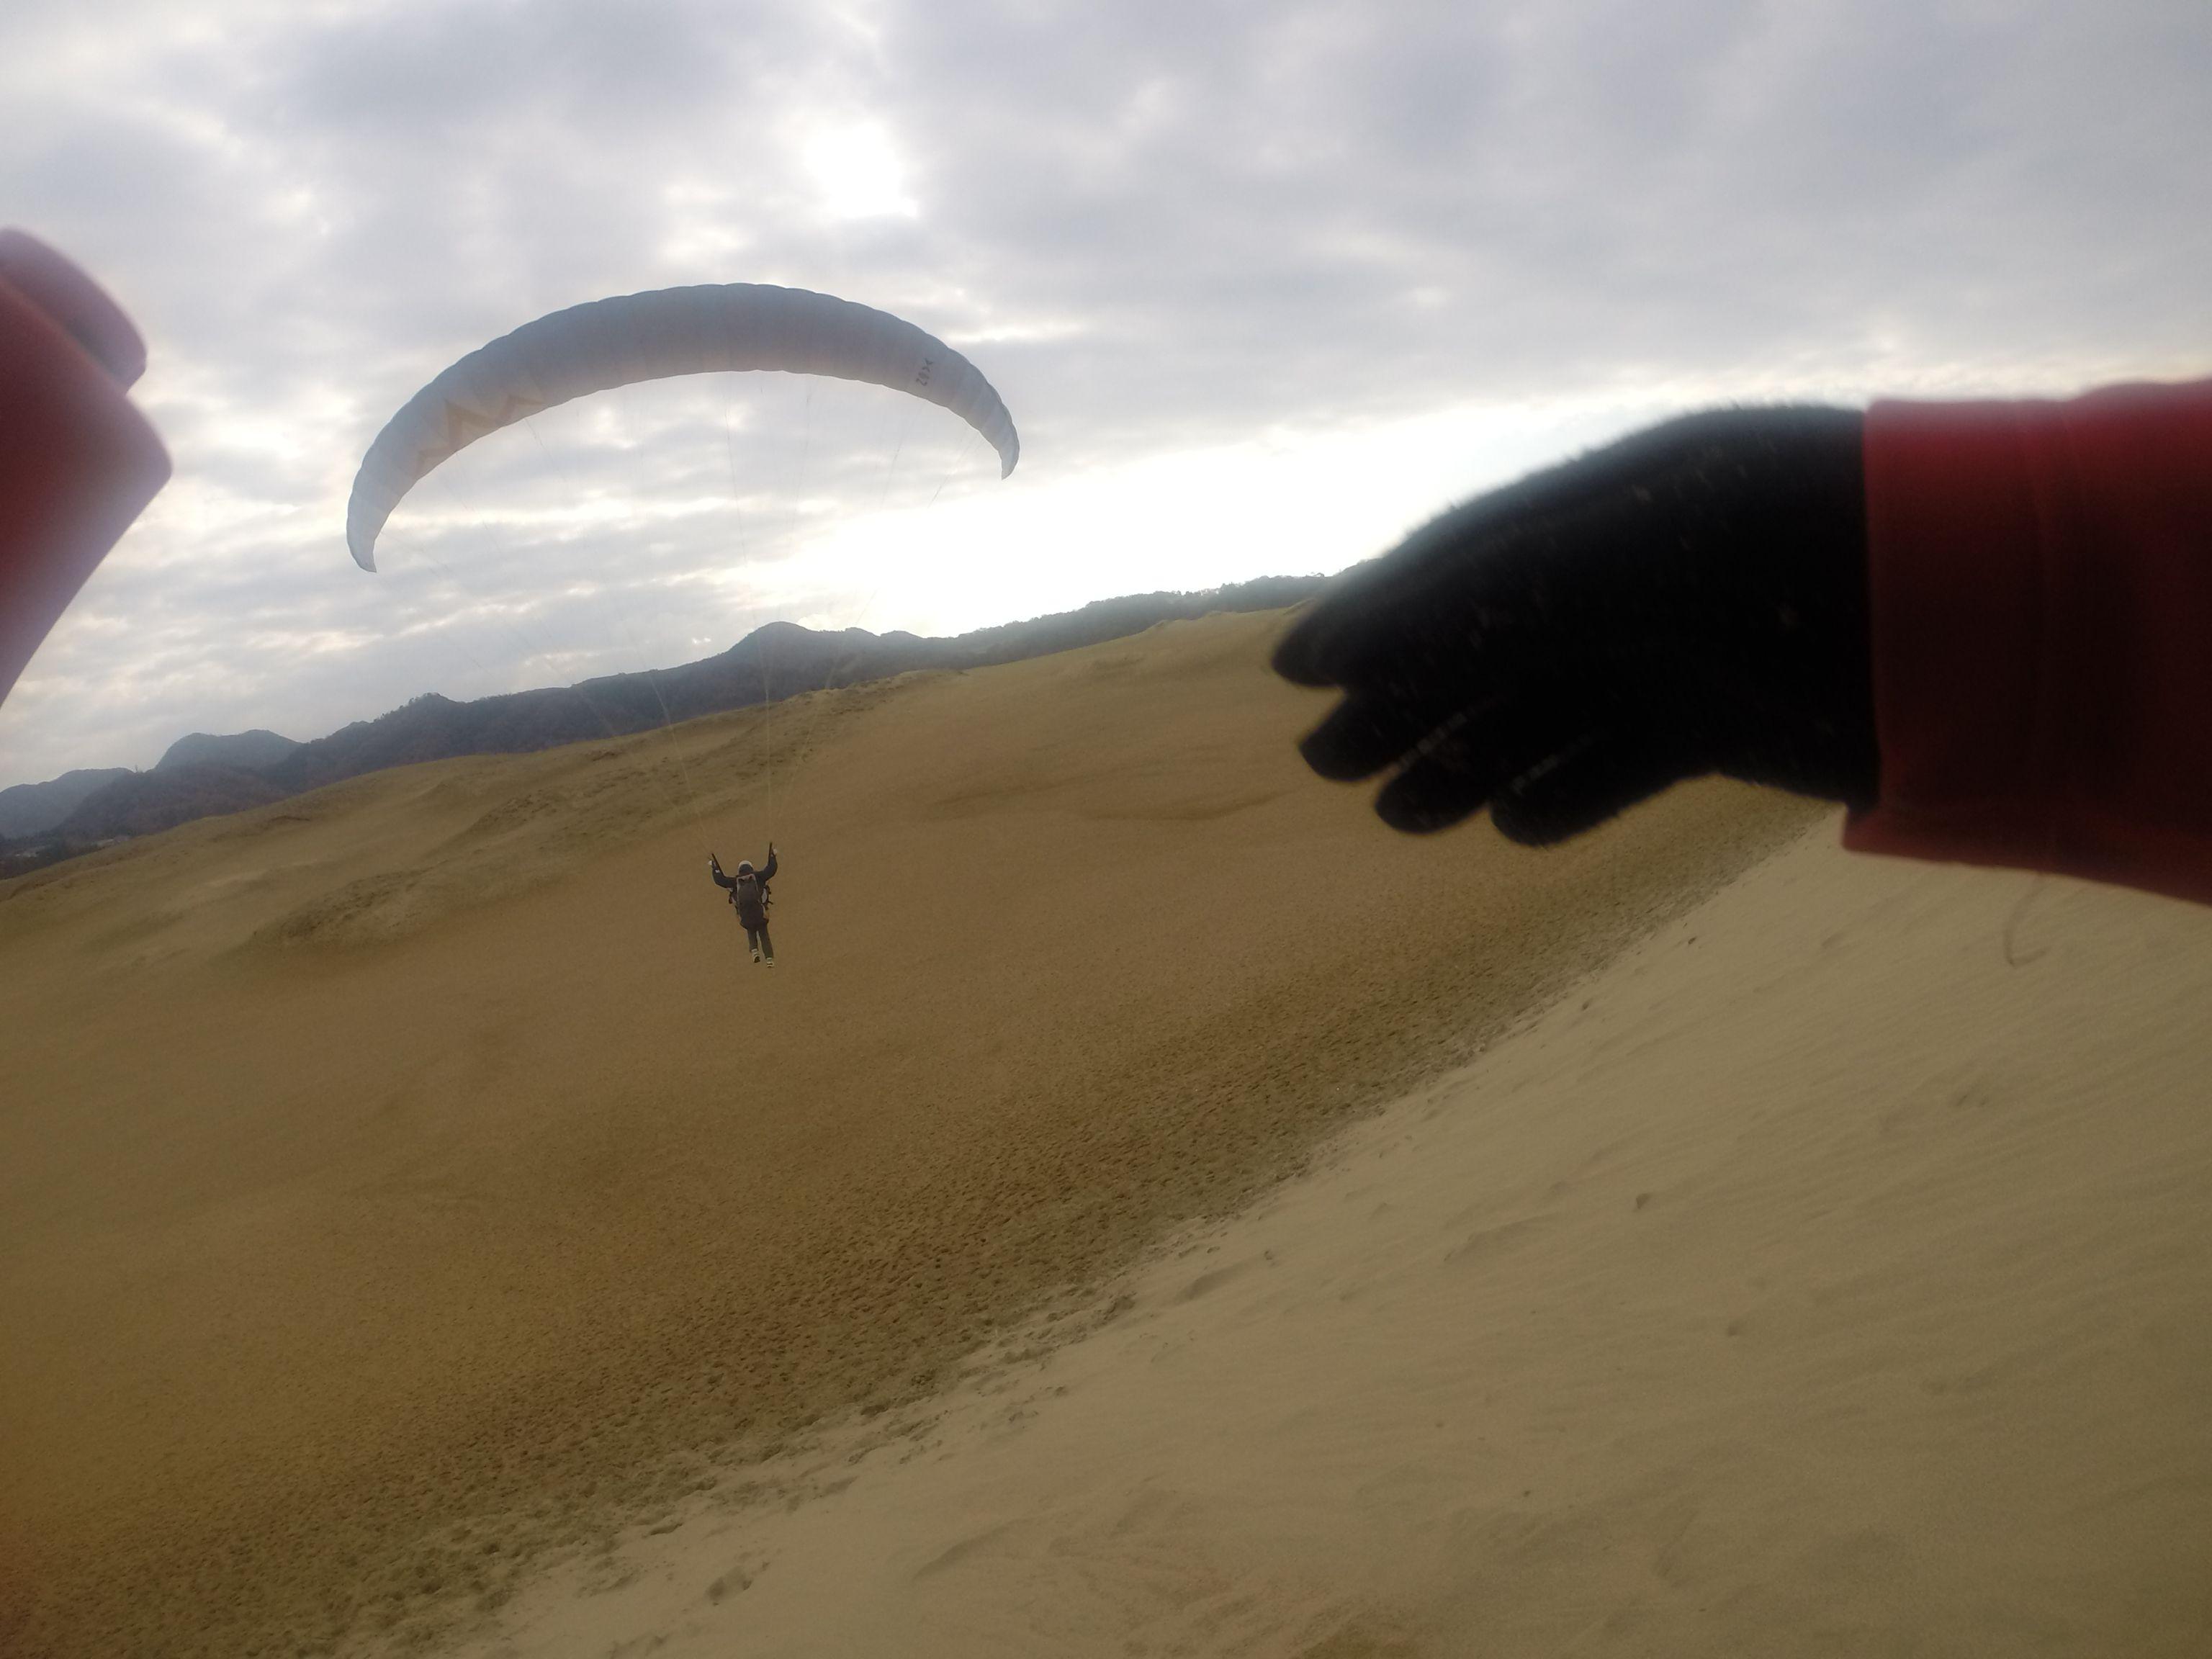 いきなり大きな落差から飛び出すパラグライダー